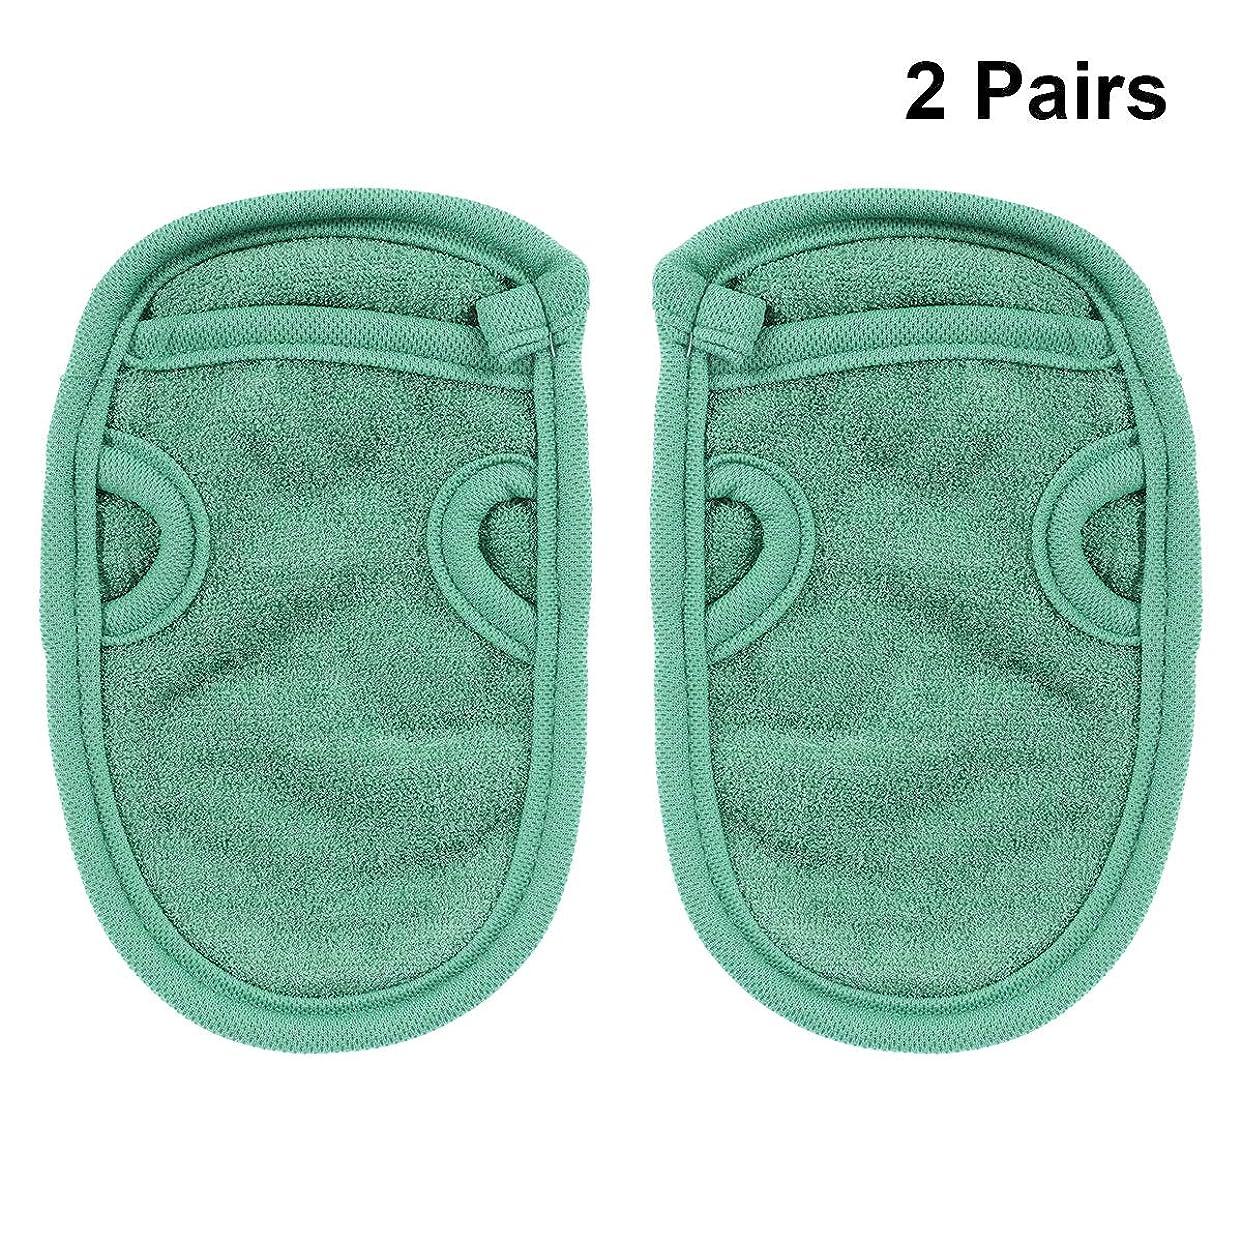 摩擦正午無視するHEALIFTY 4本入浴手袋エクスフォリエイティンググローブスパグローブシャワーグローブフェイシャルグローブバスボディスクラブシャワーグローブボディスパ(グリーン)